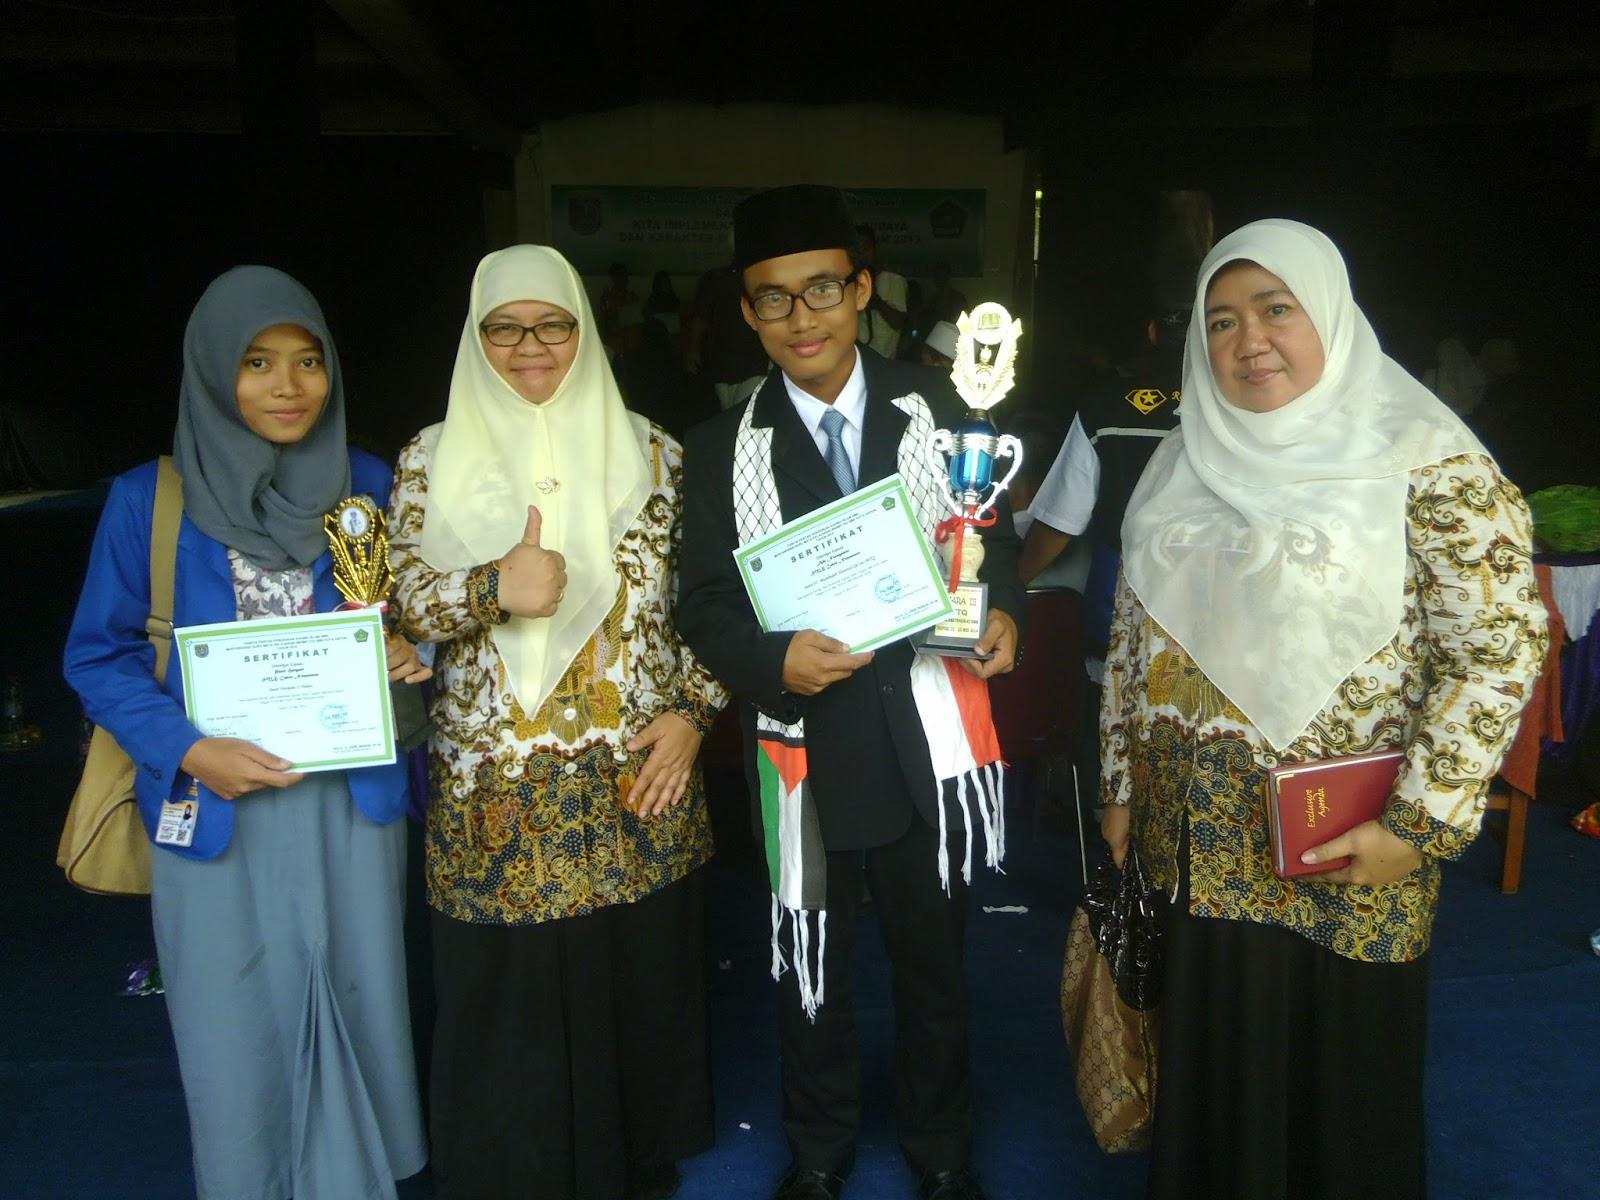 Selamat Atas Prestasi SMK Charnoest Yang Berhasil Menjuarai Lomba MTQ dan Pidato pada kegiatan MGMP PAI Kota DePOK